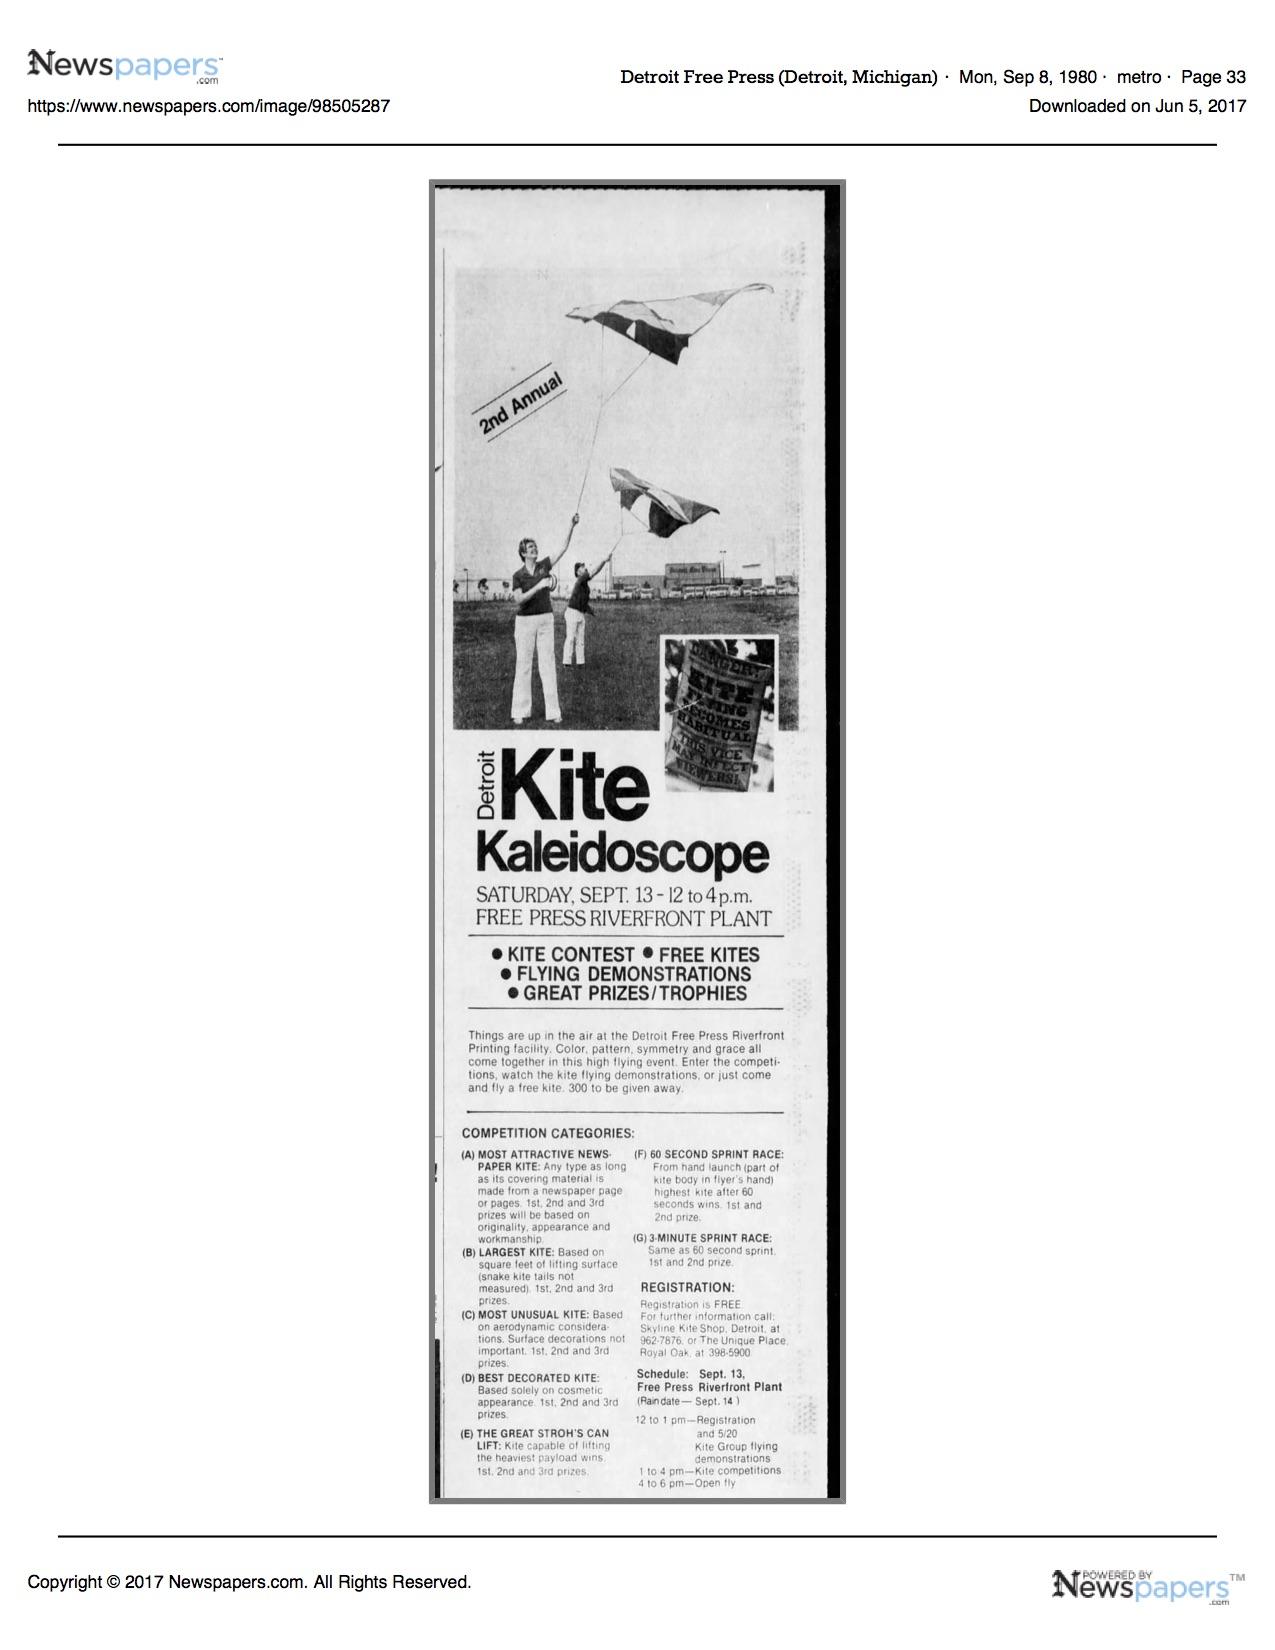 Detroit_Free_Press_Mon__Sep_8__1980_.jpg